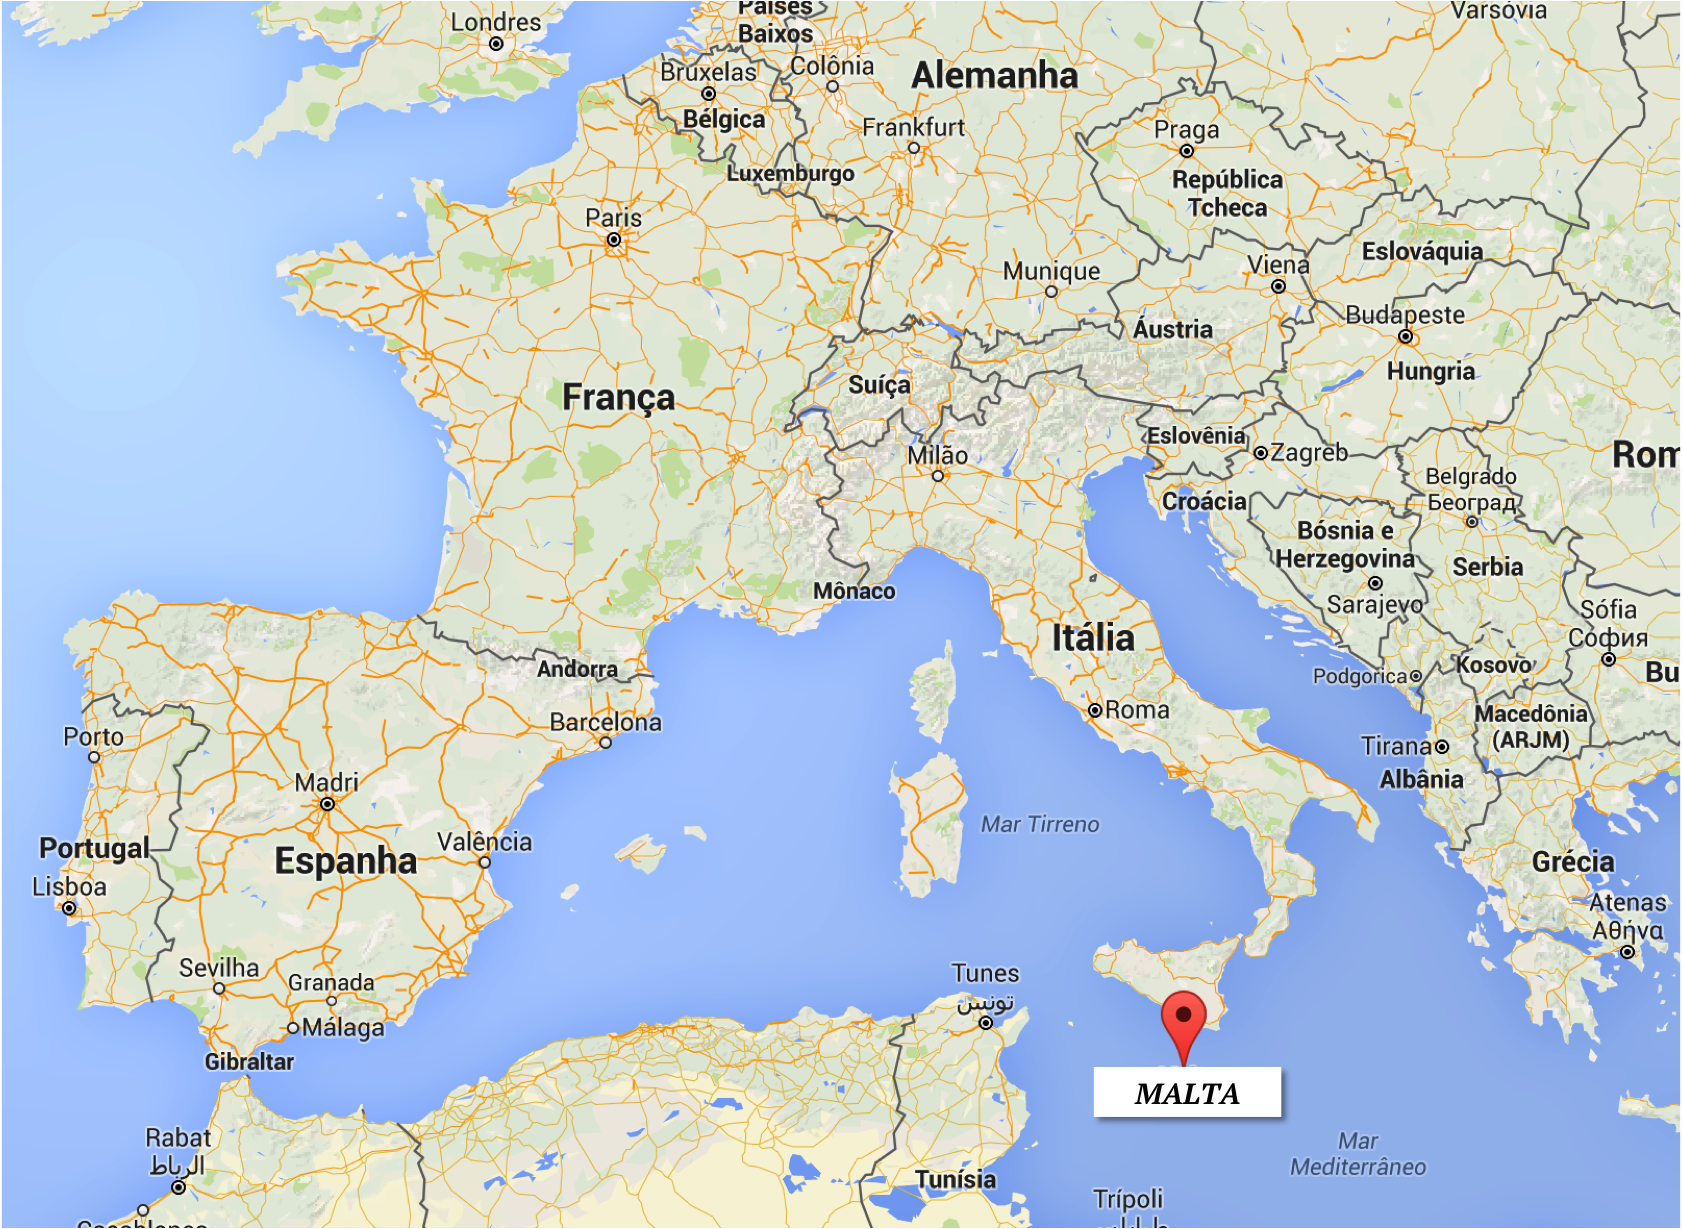 mapa malta google maps Localização   Onde fica Malta? | mapa: Google Maps | Malta  mapa malta google maps